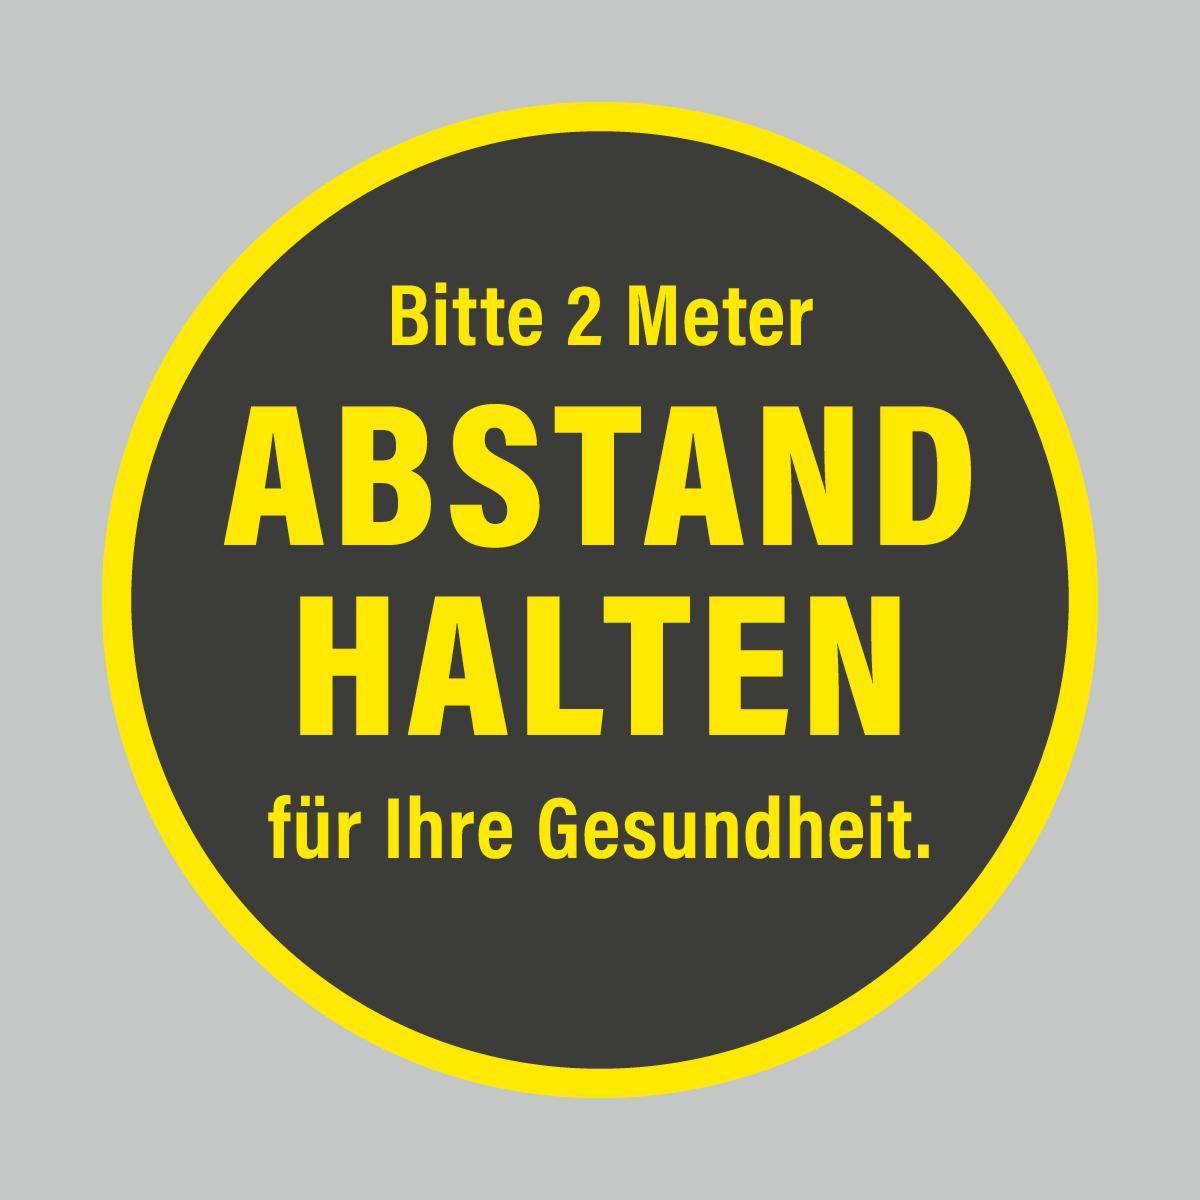 Fußbodenaufkleber, gelb-schwarz, Ø 48cm – 2 Meter Abstand halten